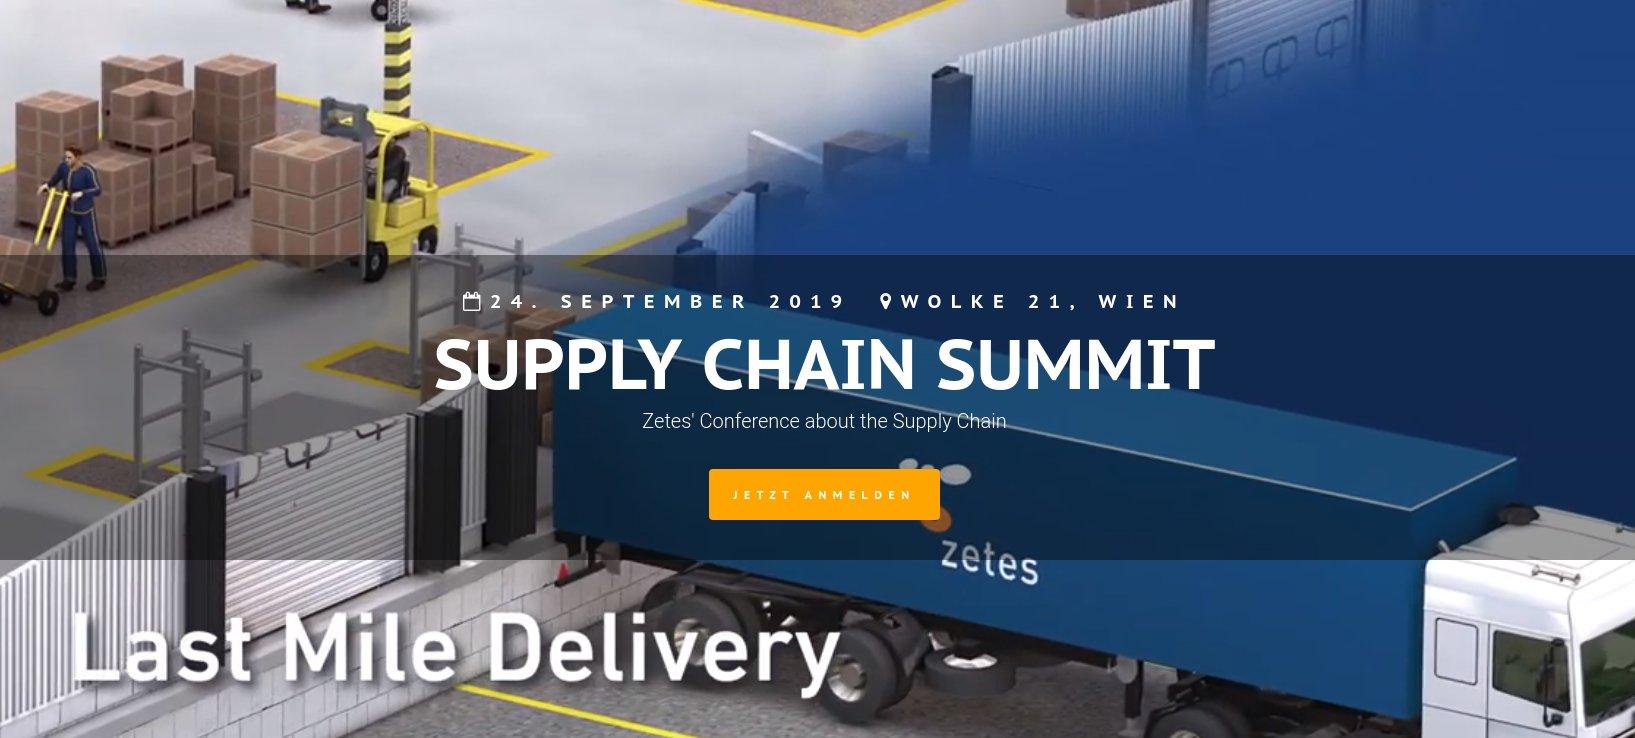 Zetes Supply Chain Summit 2019 in Wien